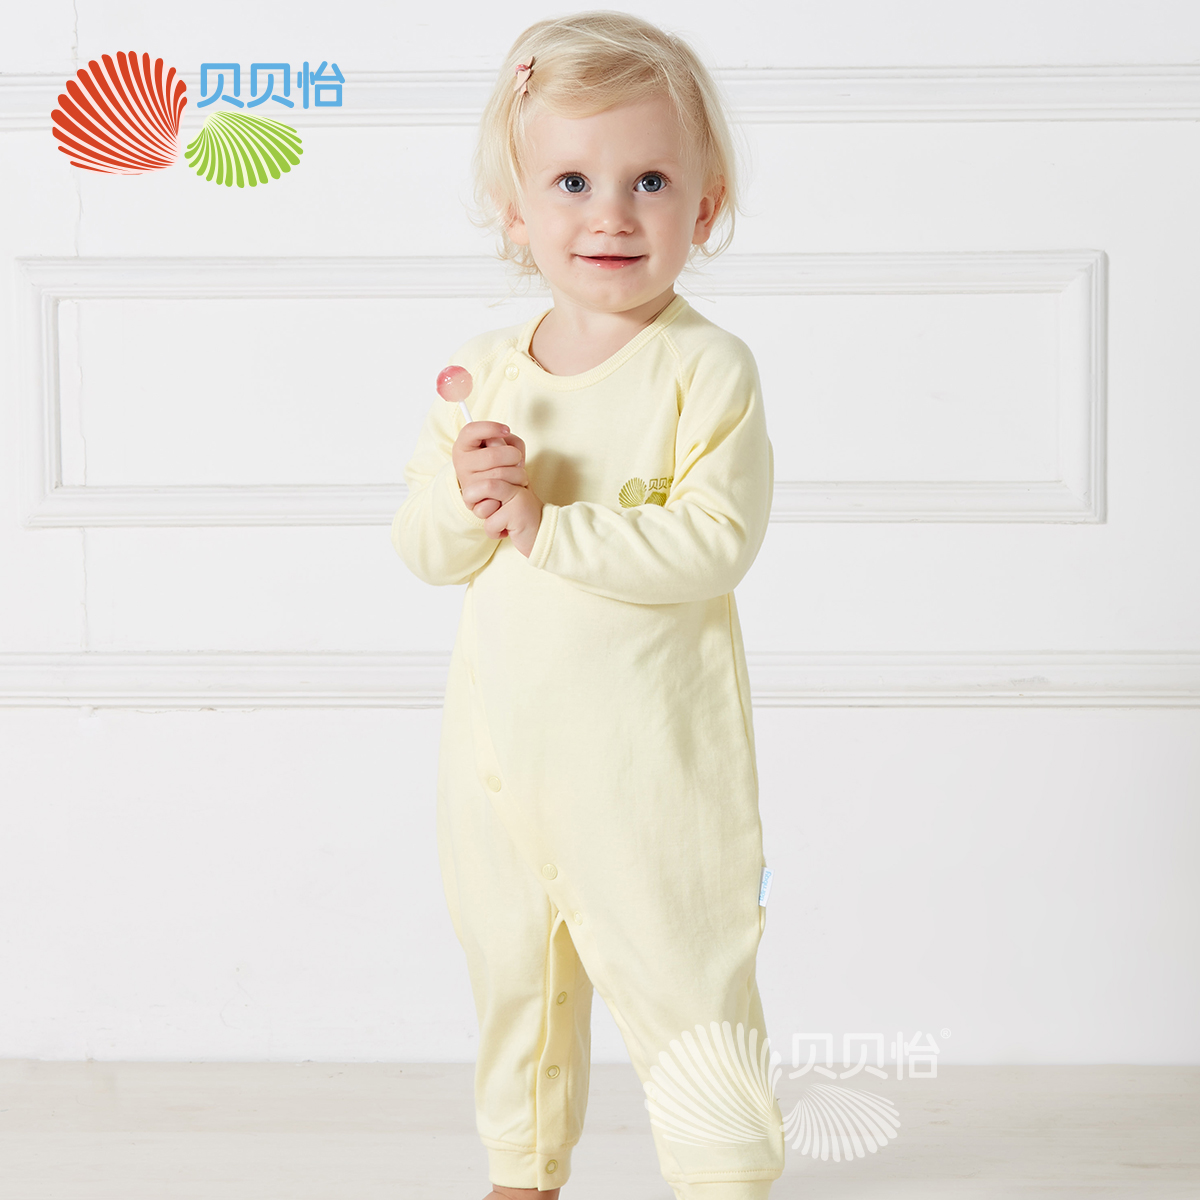 贝贝怡 男女新生儿内衣服装纯棉婴儿连体衣春秋爬服长爬哈衣127价格图片